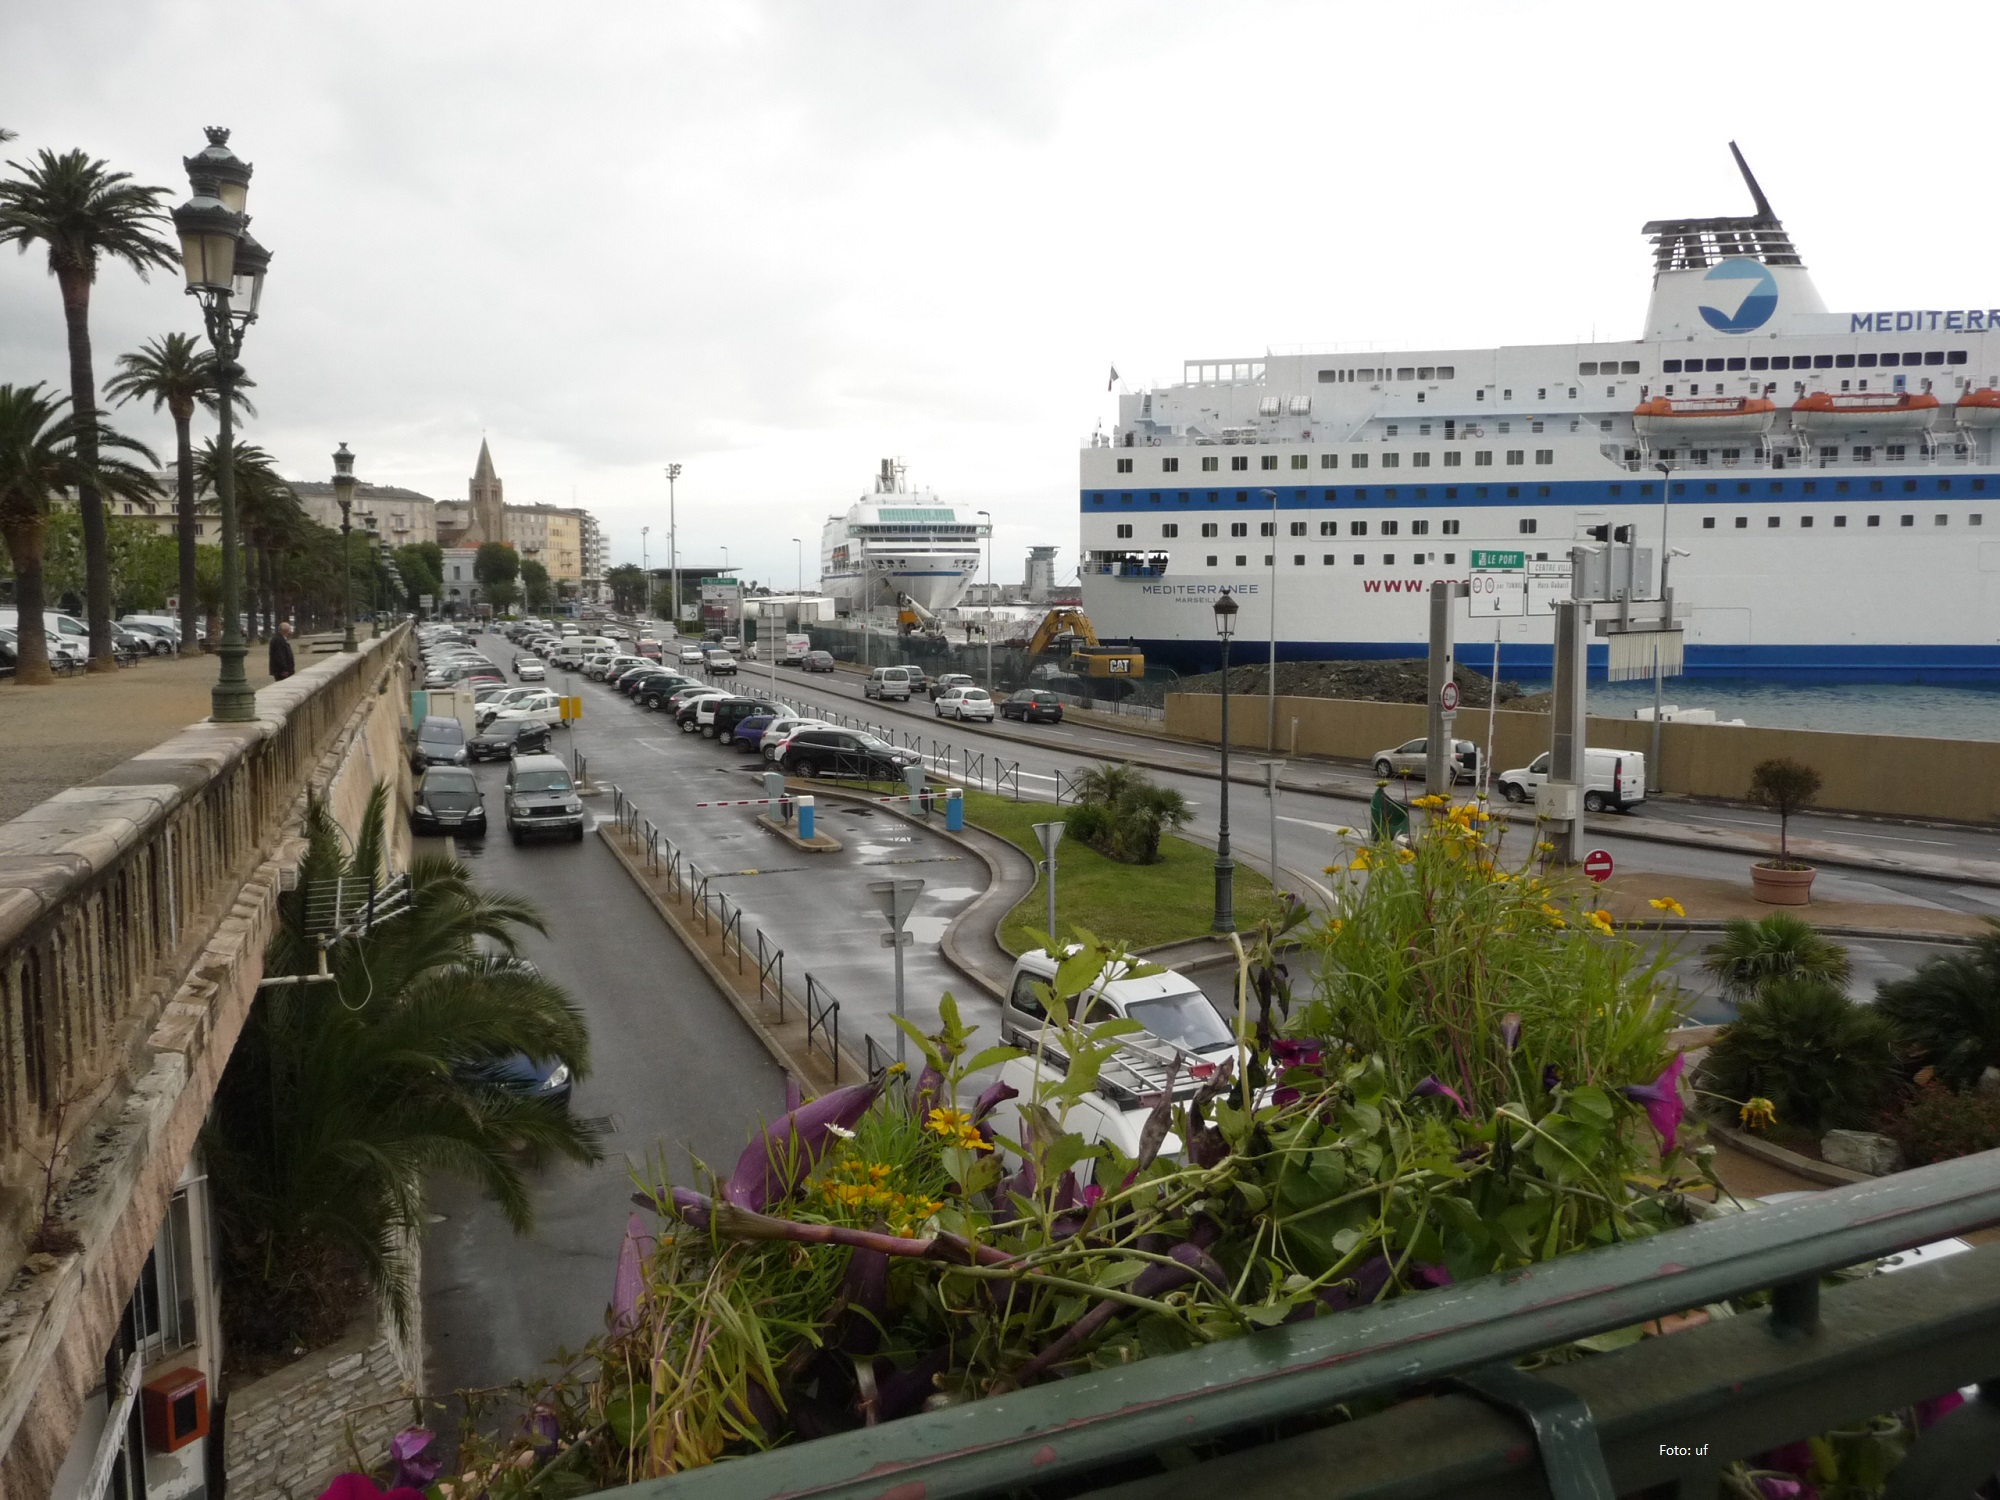 Man kann auch mit der Fähre nach Korsika reisen, z. B. von Genua, Livorno, Nizza, Piombino, Portoferraio, Savona, Toulon